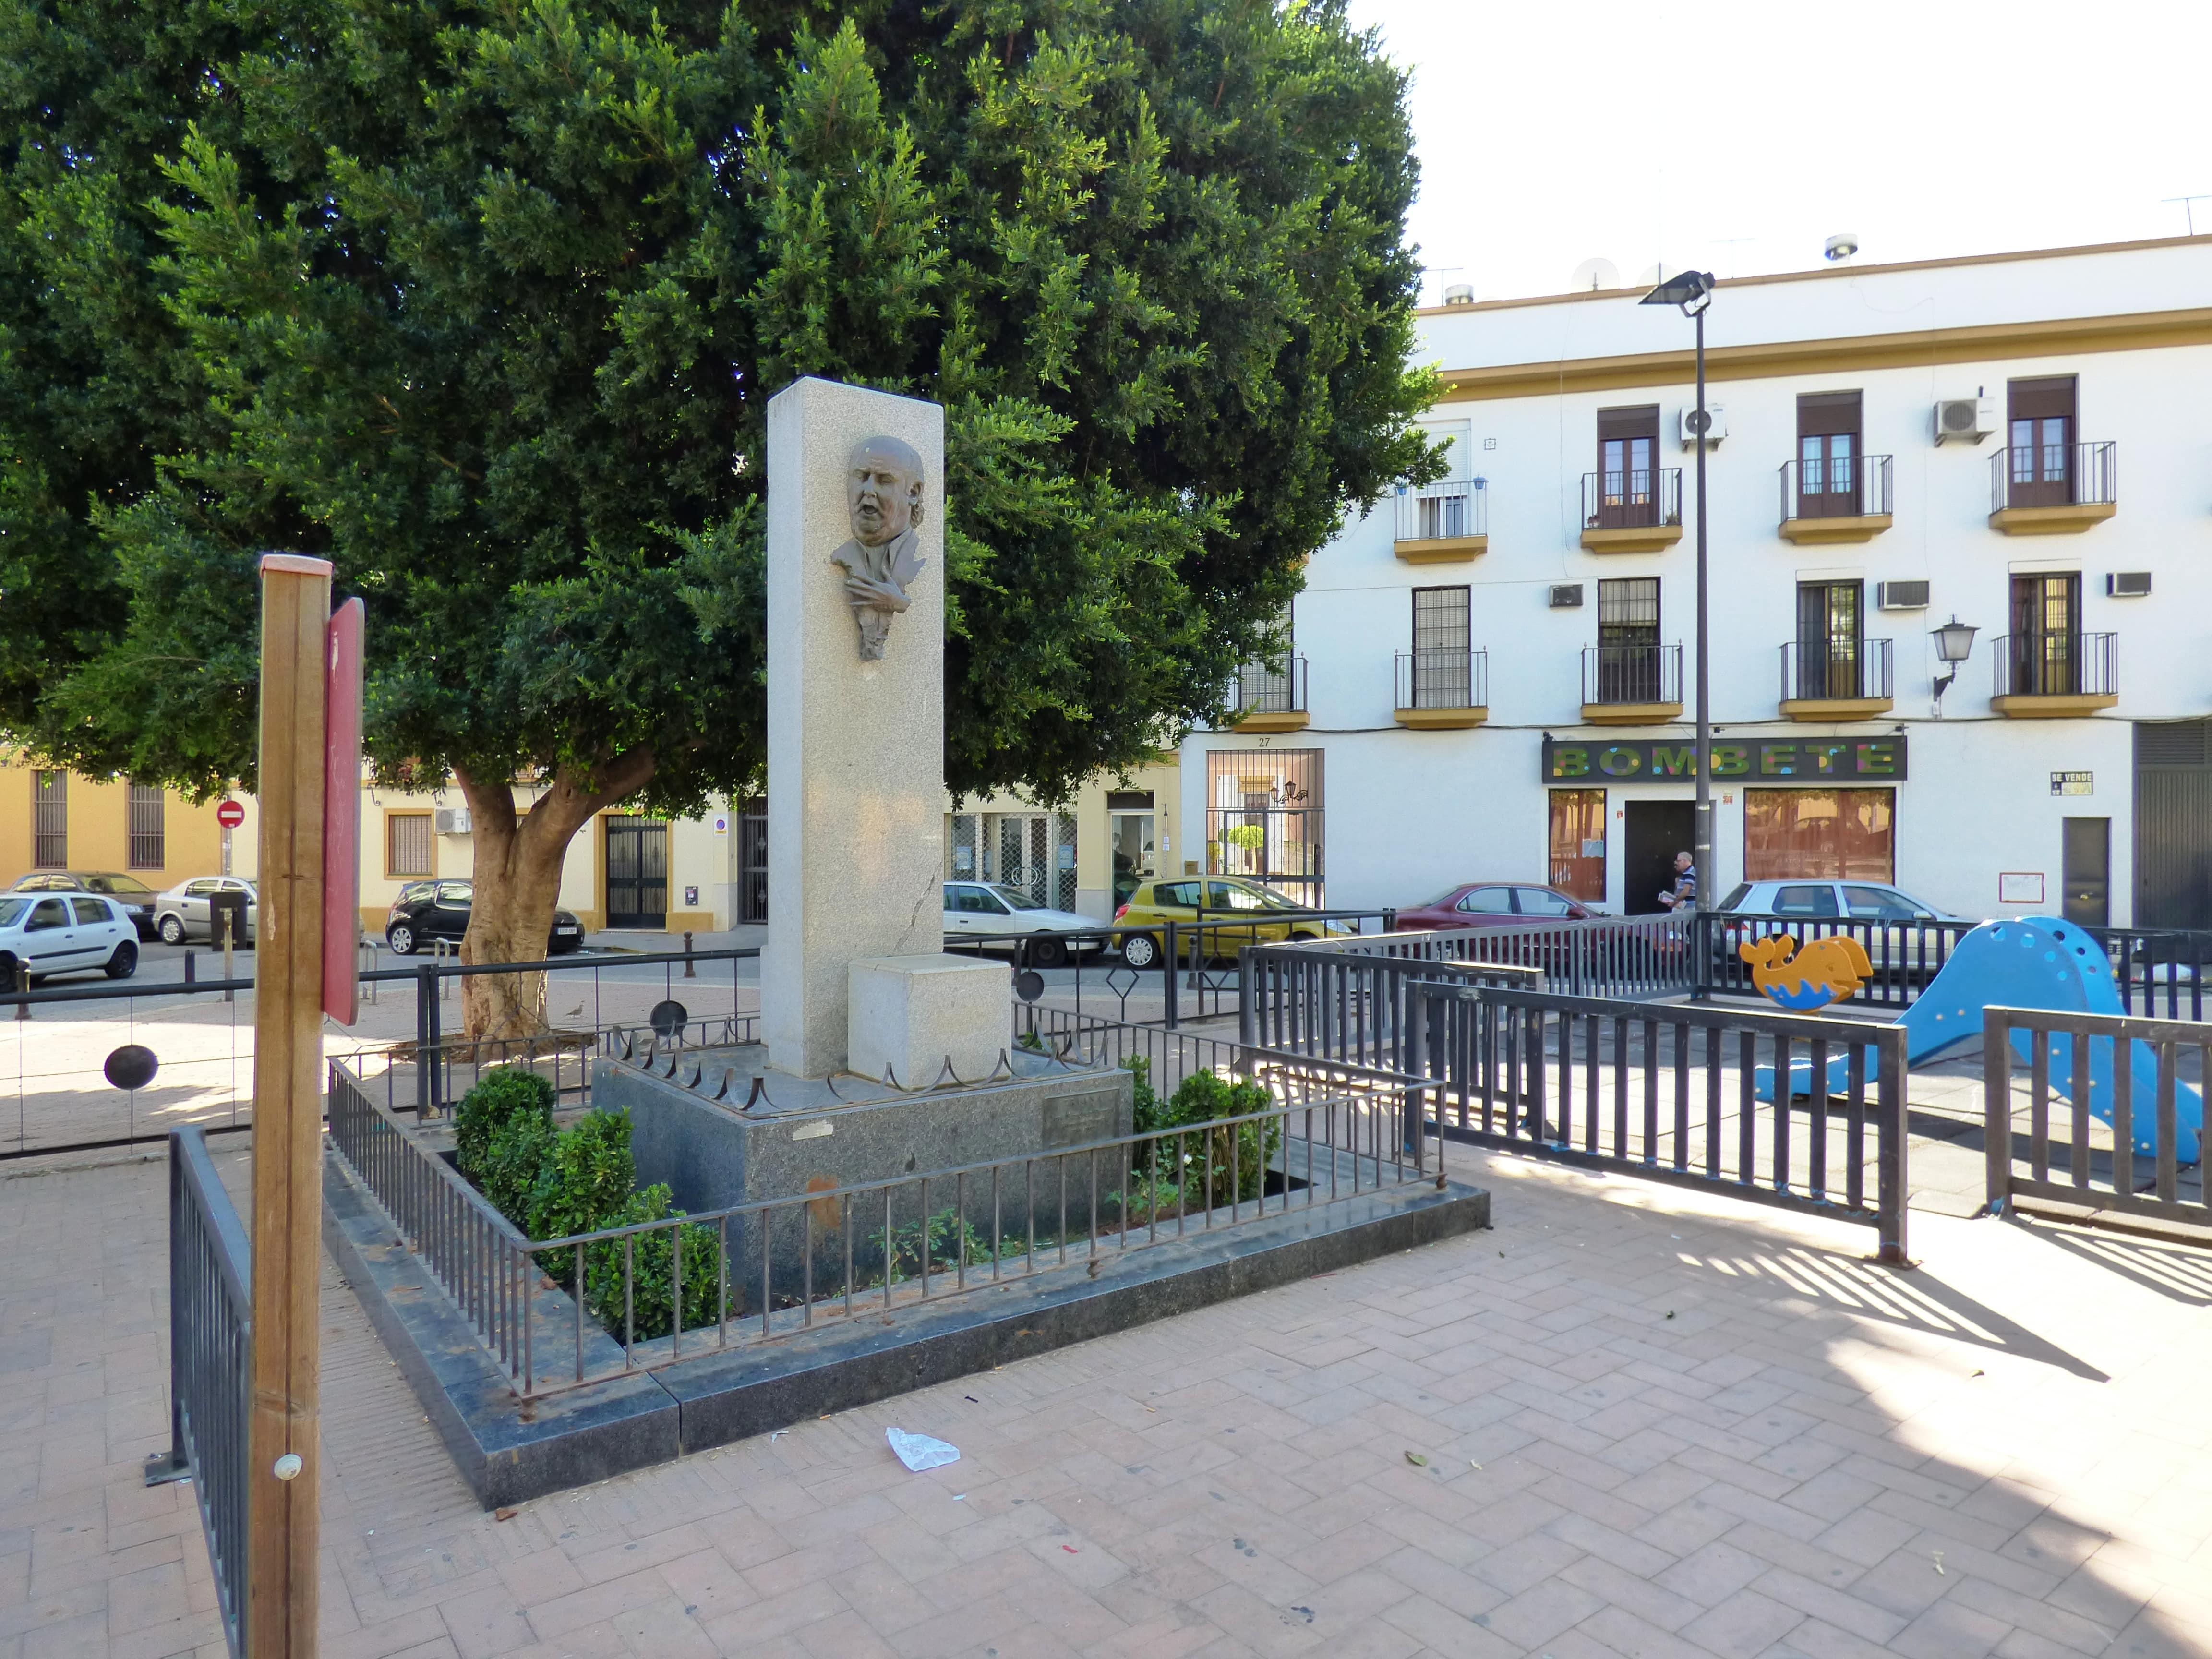 Callejeos Plaza a Manuel Oliver Triana Procurador